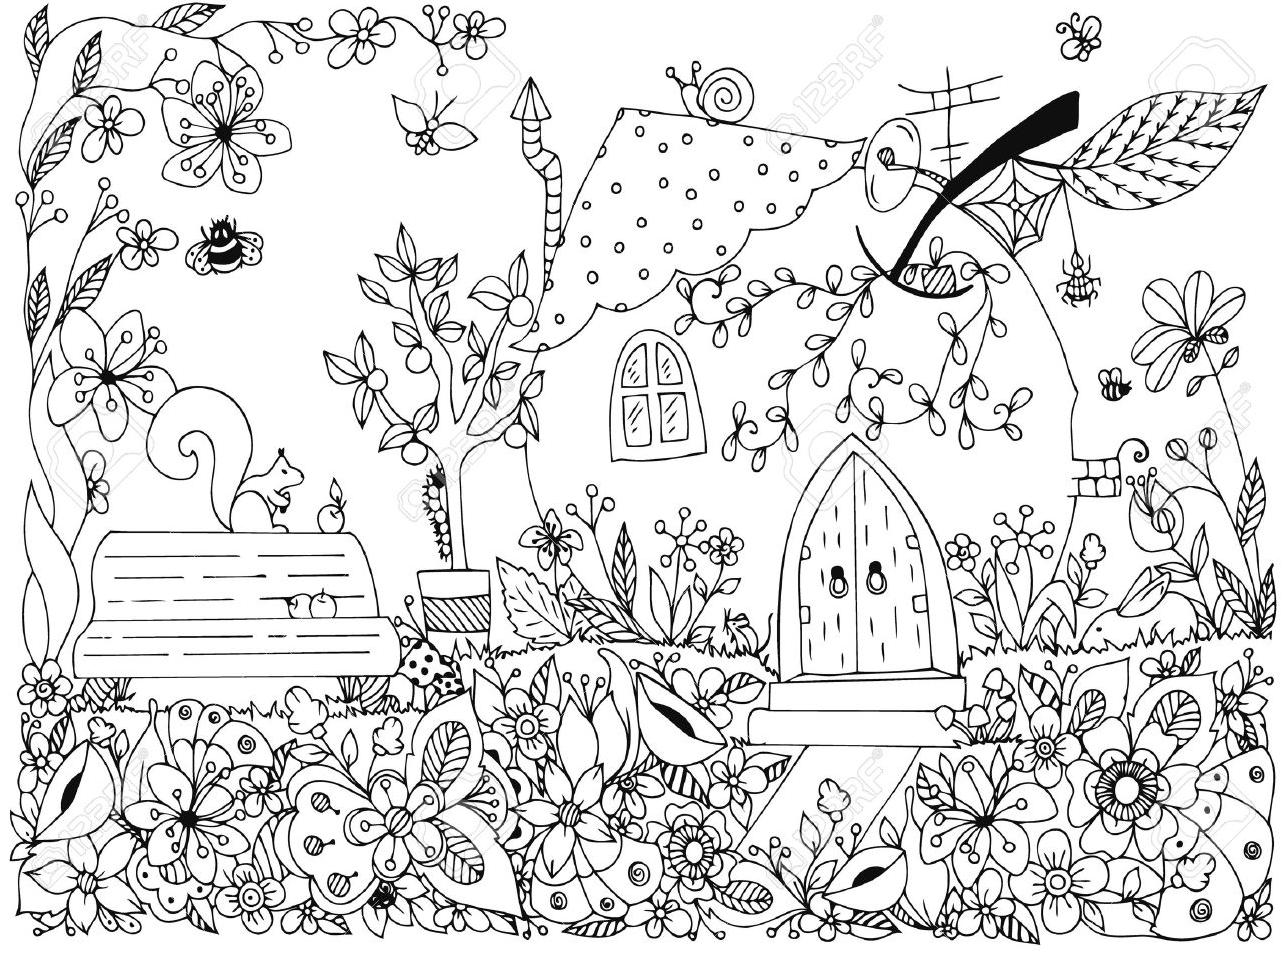 Mewarnai Gambar Kupu Kupu di Taman Bunga Untuk Anak anak